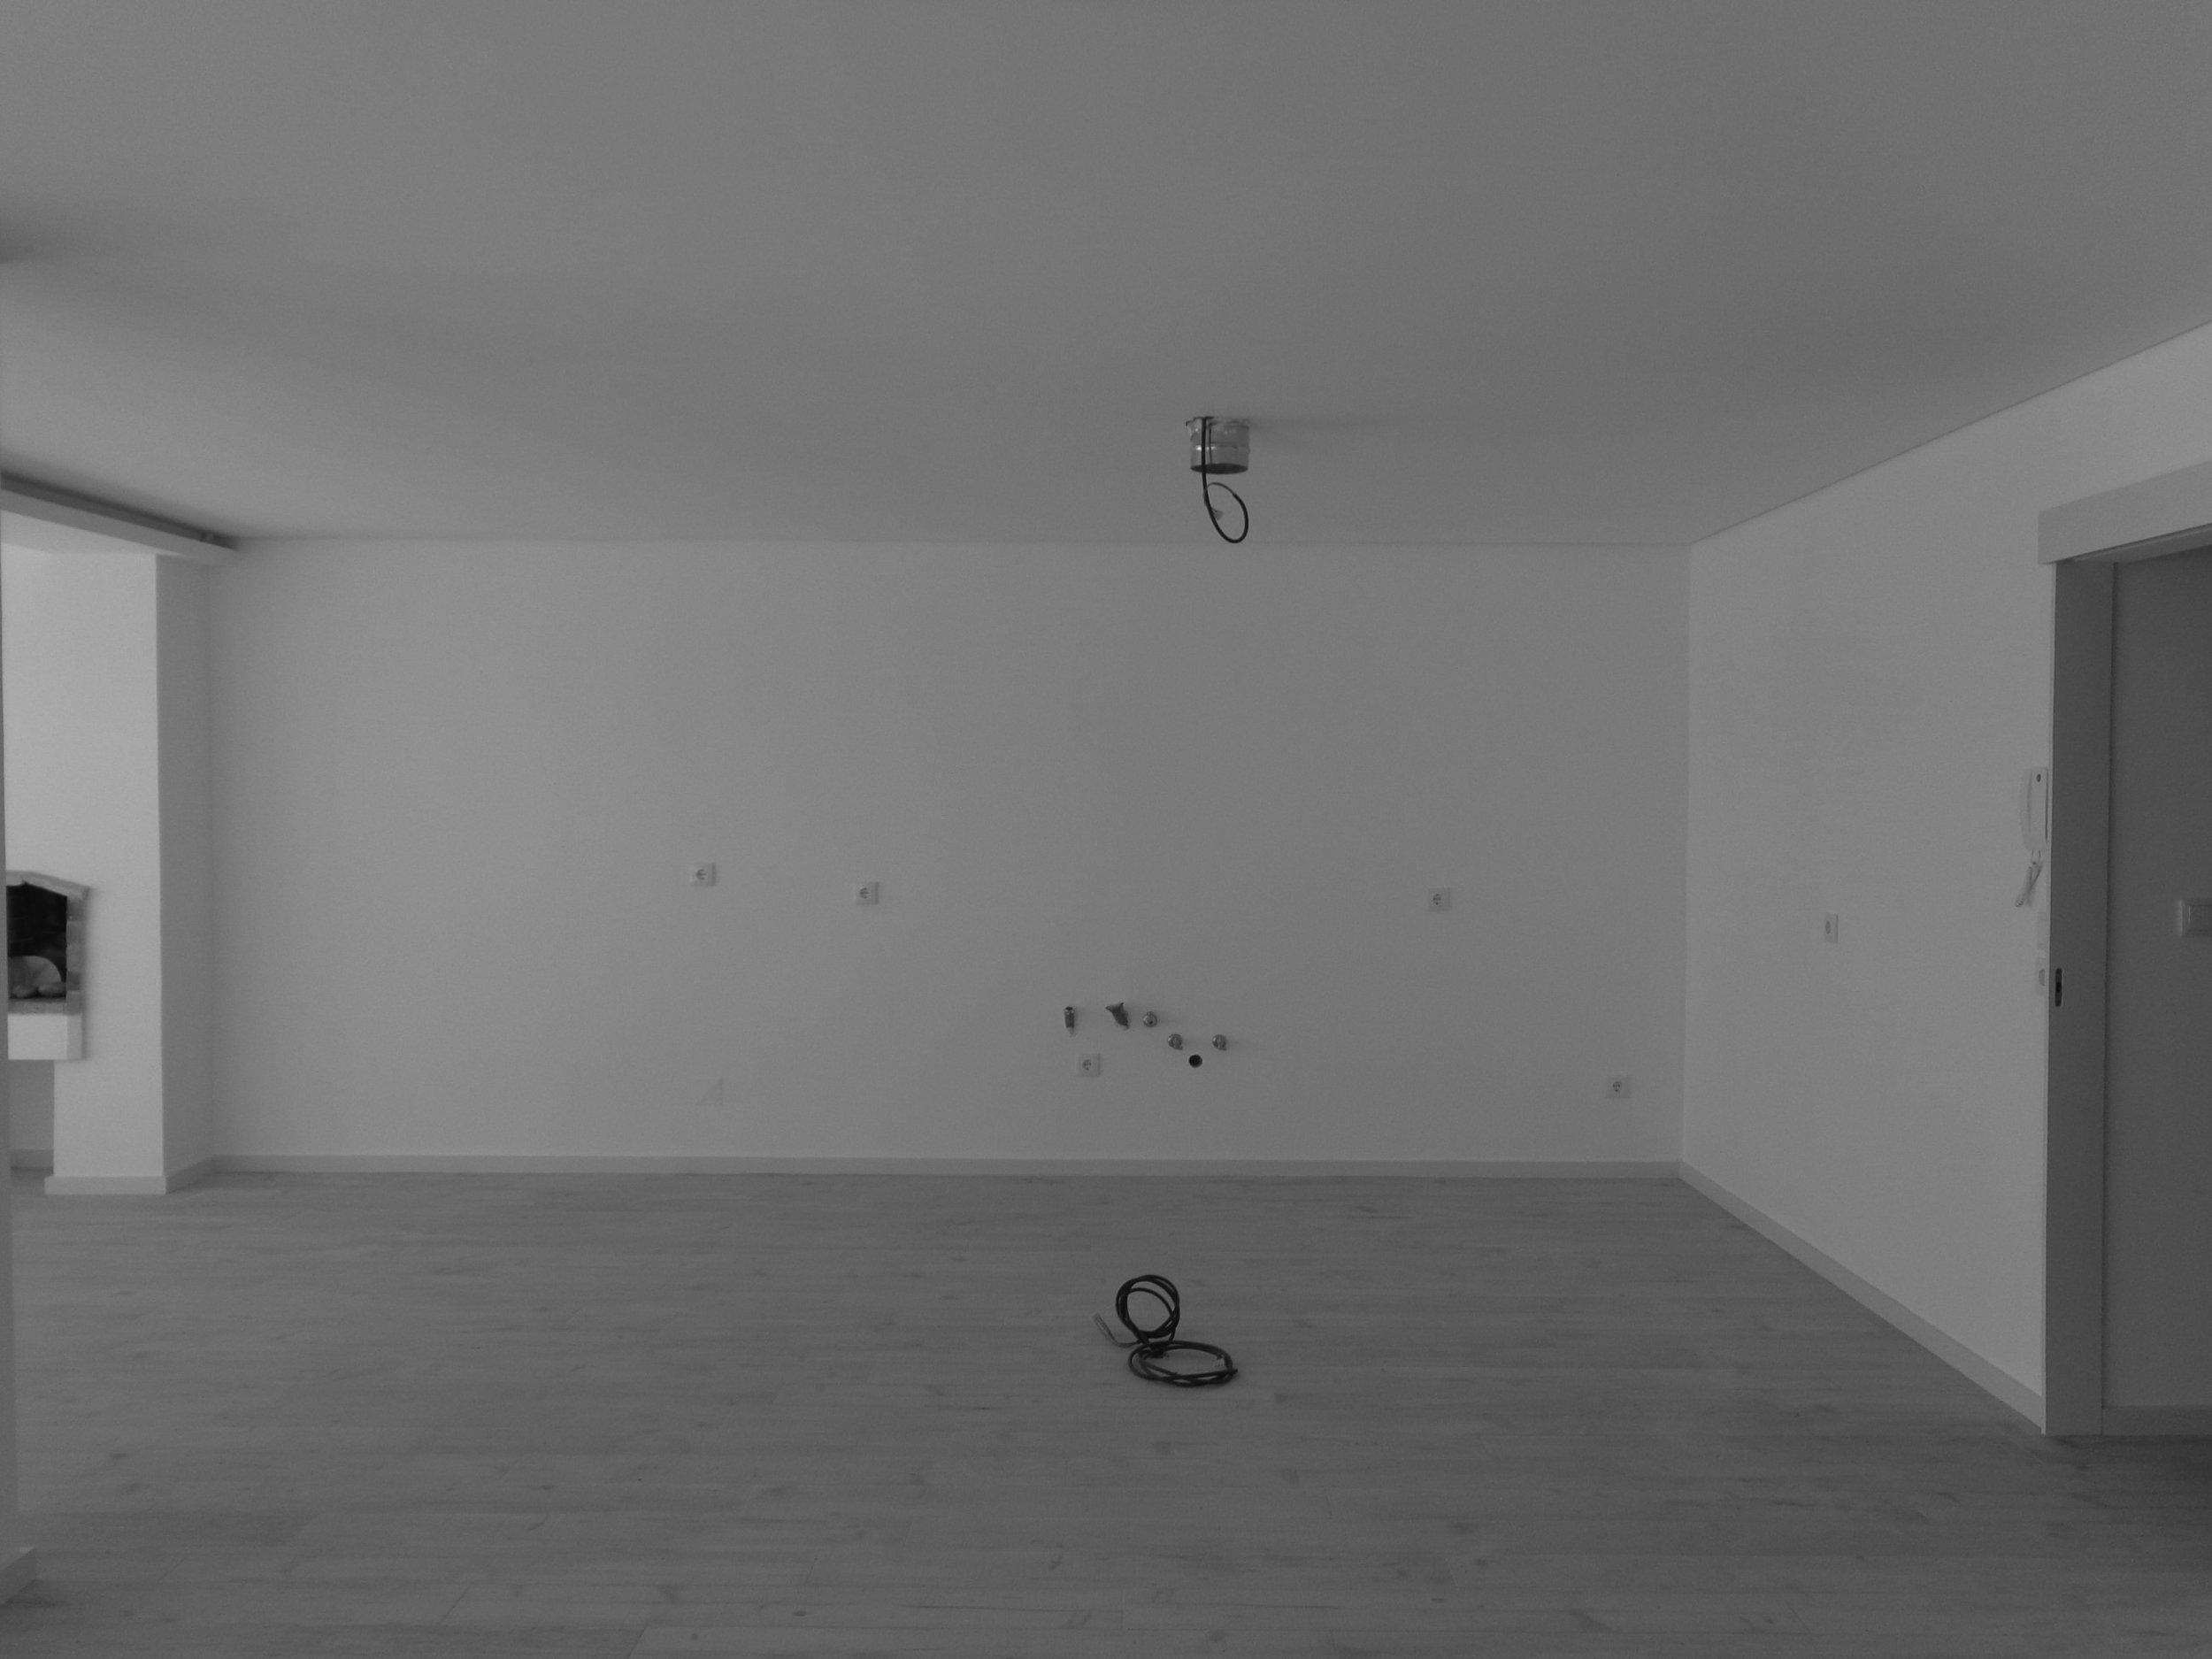 Moradia FG - Construção - Arquitectura - EVA evolutionary architecture - Remodelação - Arquitectos Porto (17).jpg